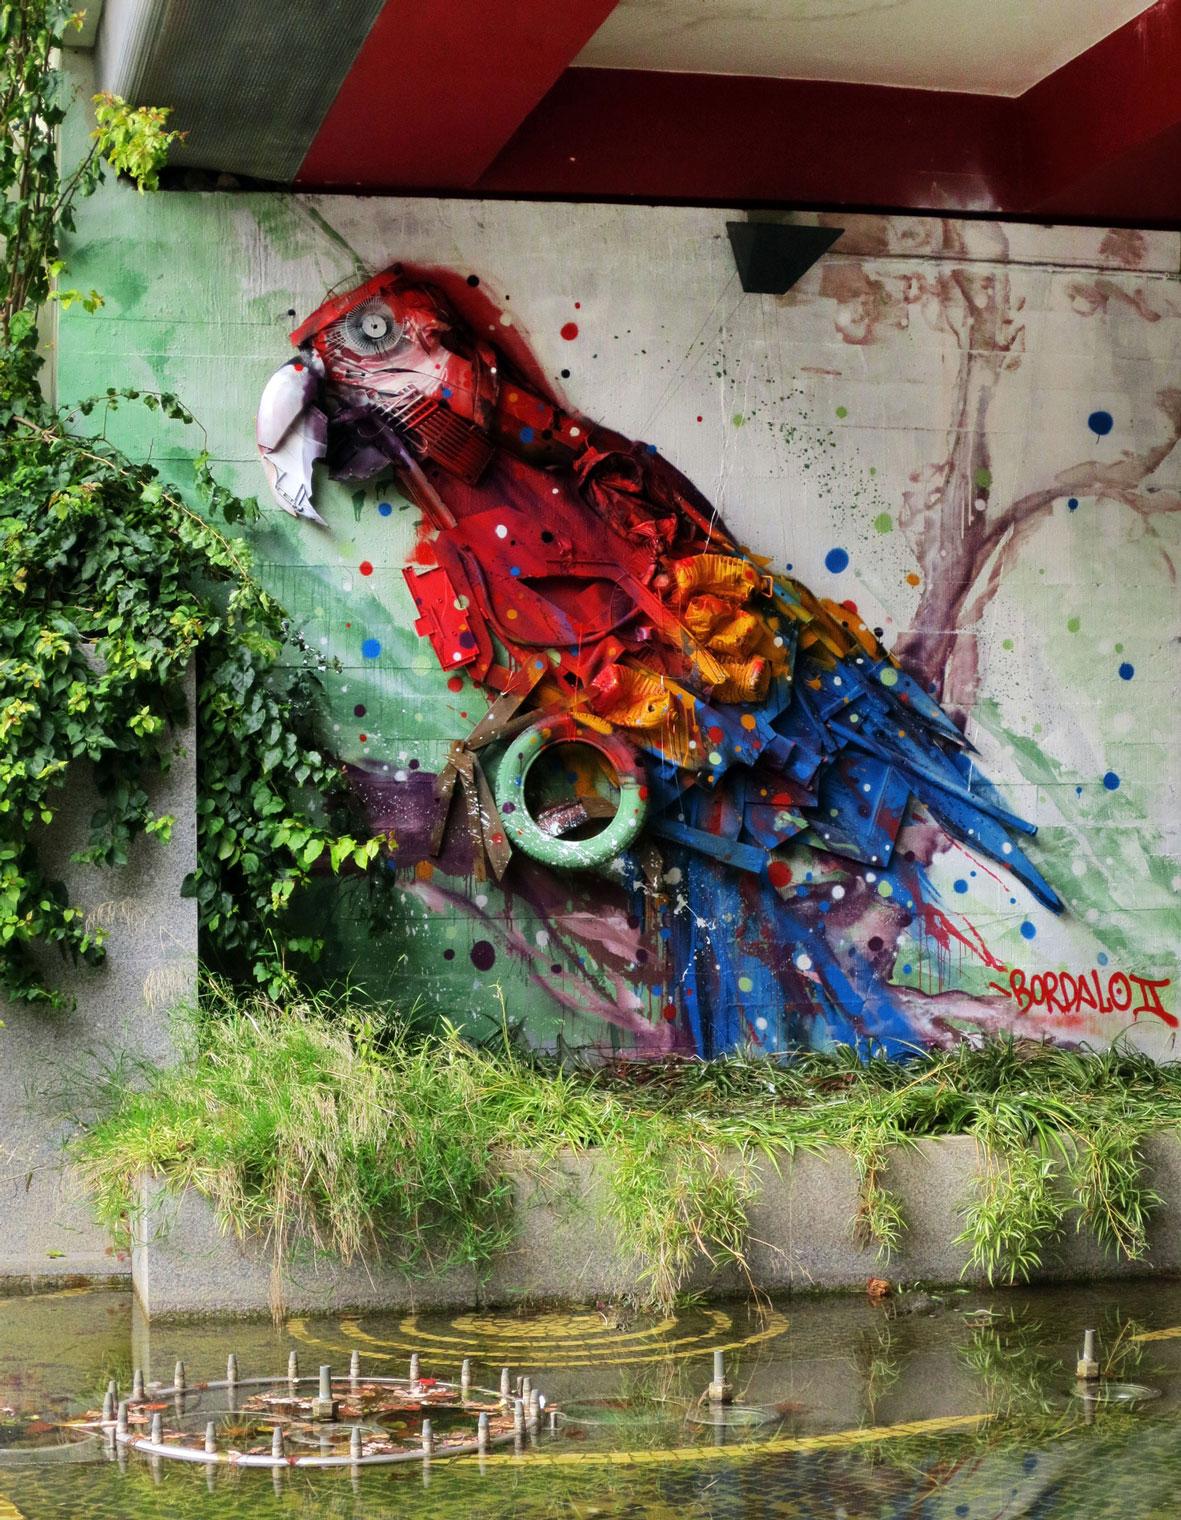 bordalo-street-art 2